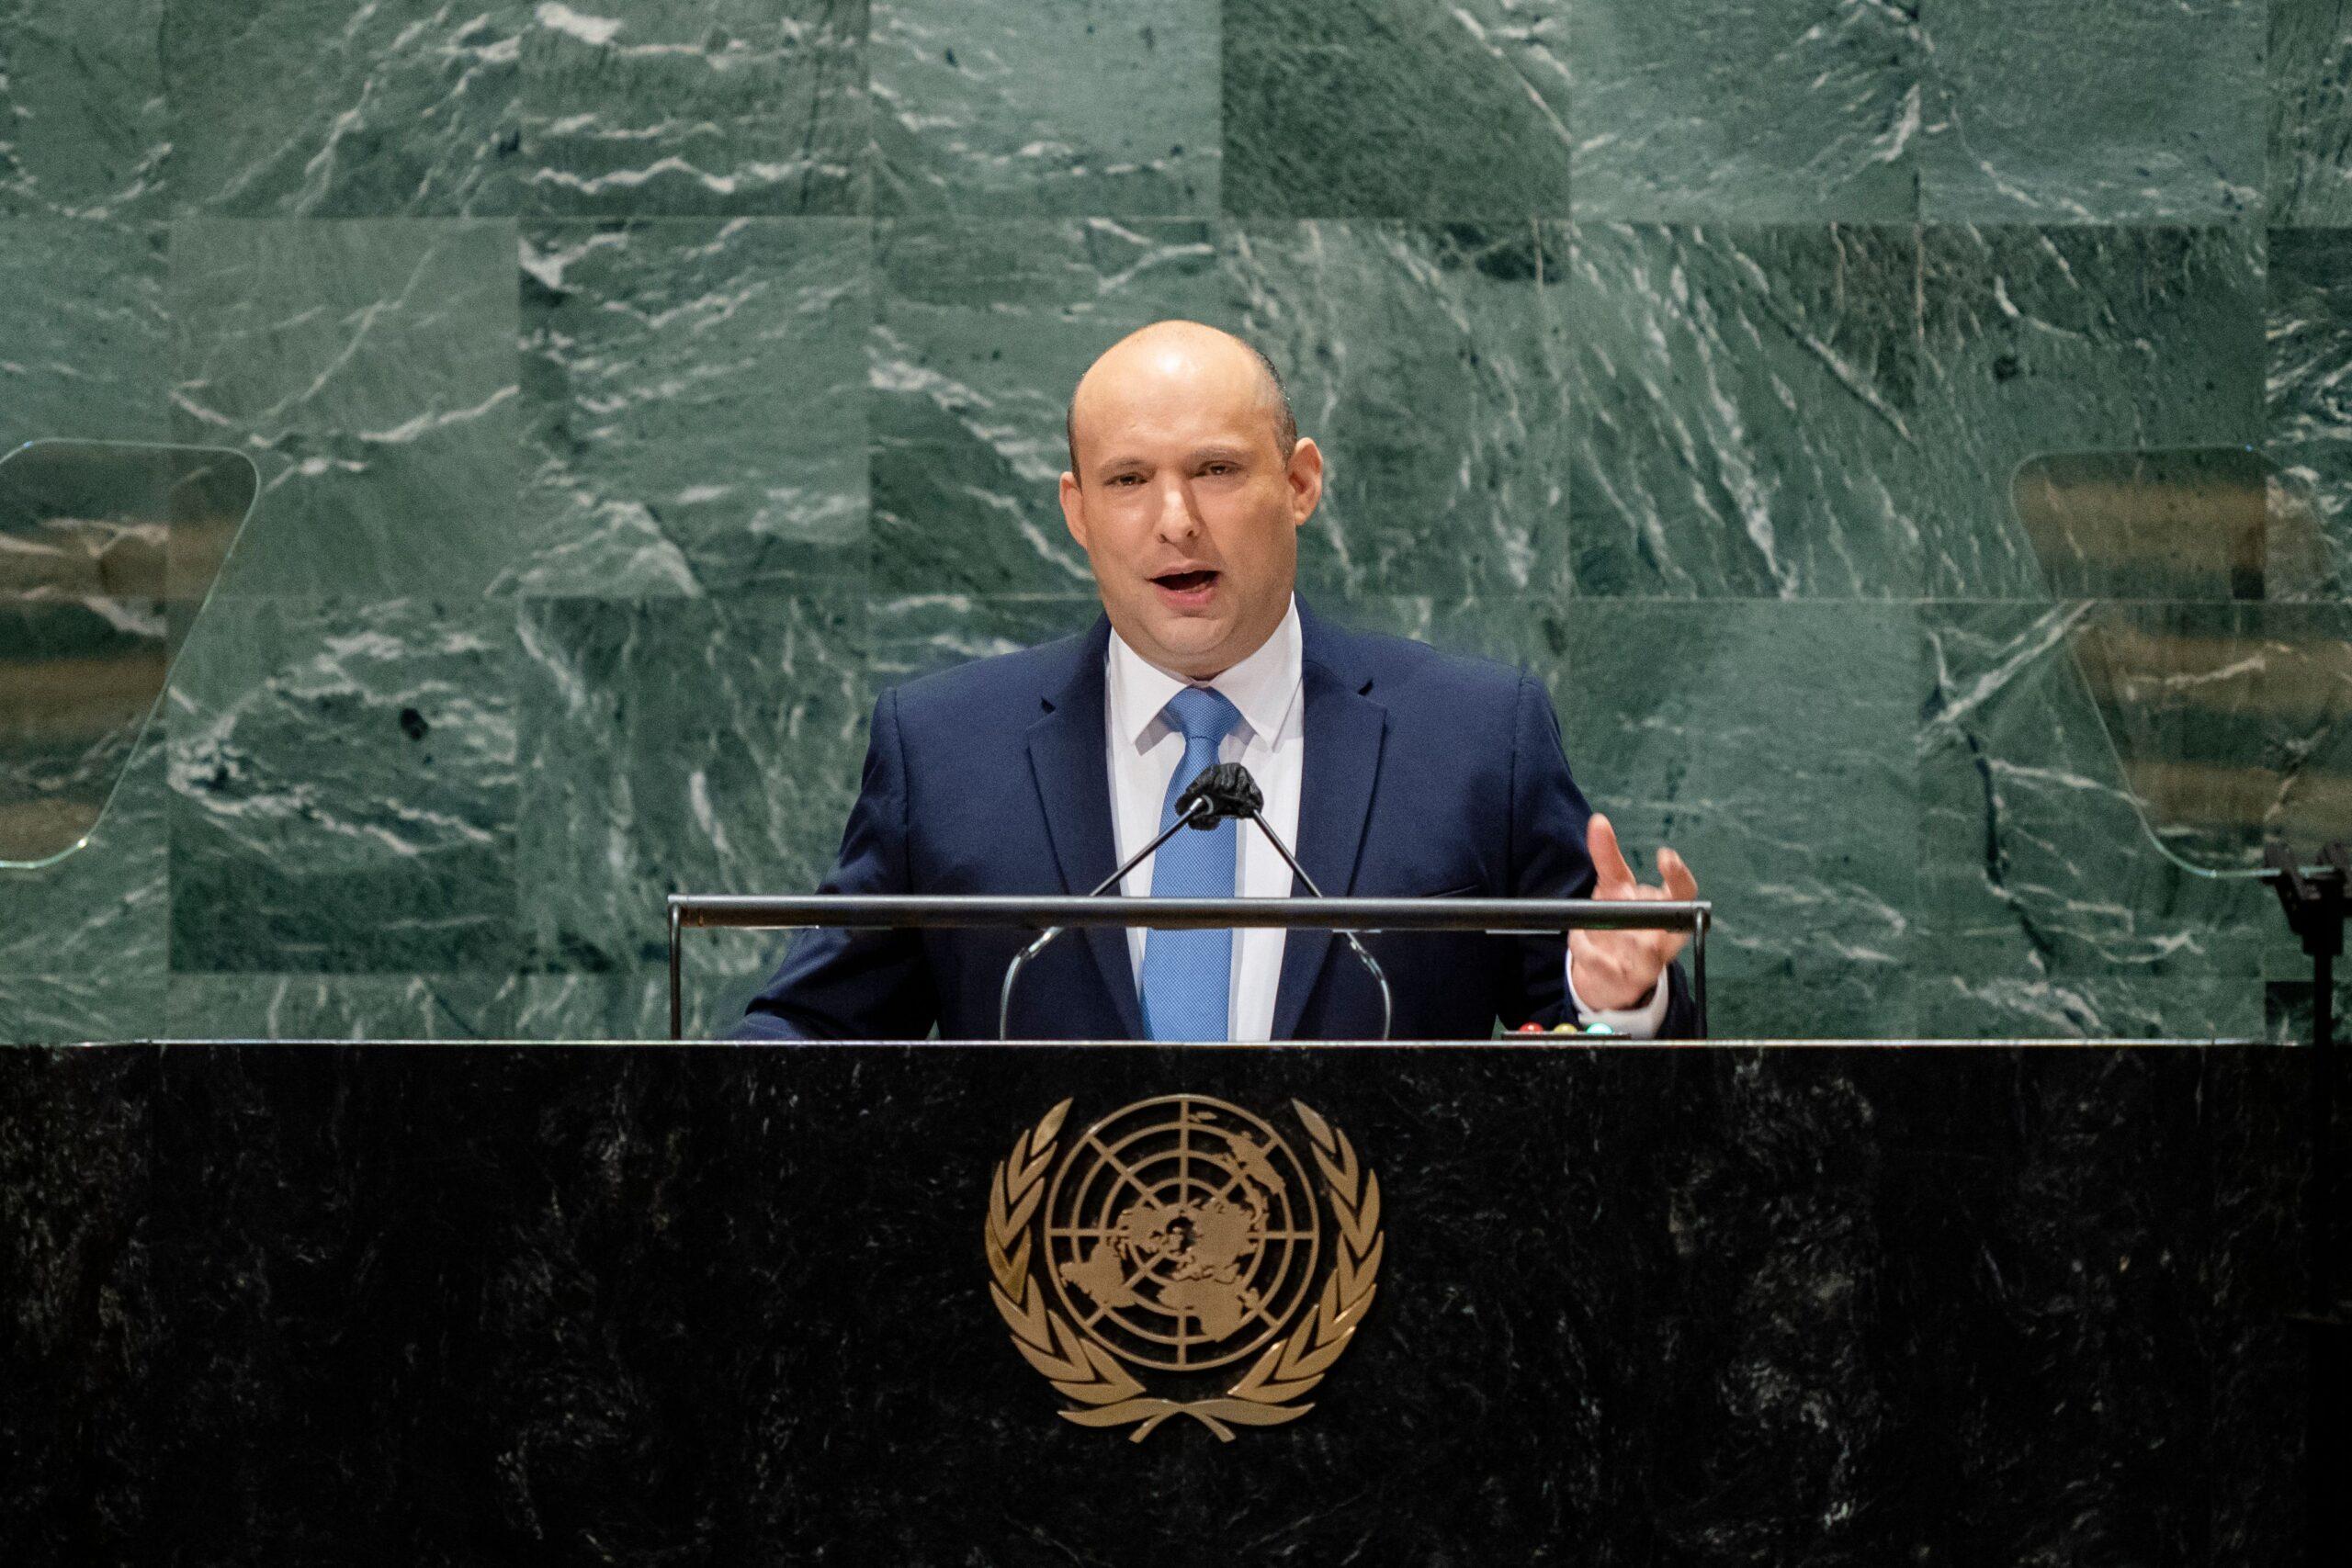 Israeli Prime Minister Naftali Bennett addresses 2021 UNGA on Sept. 27